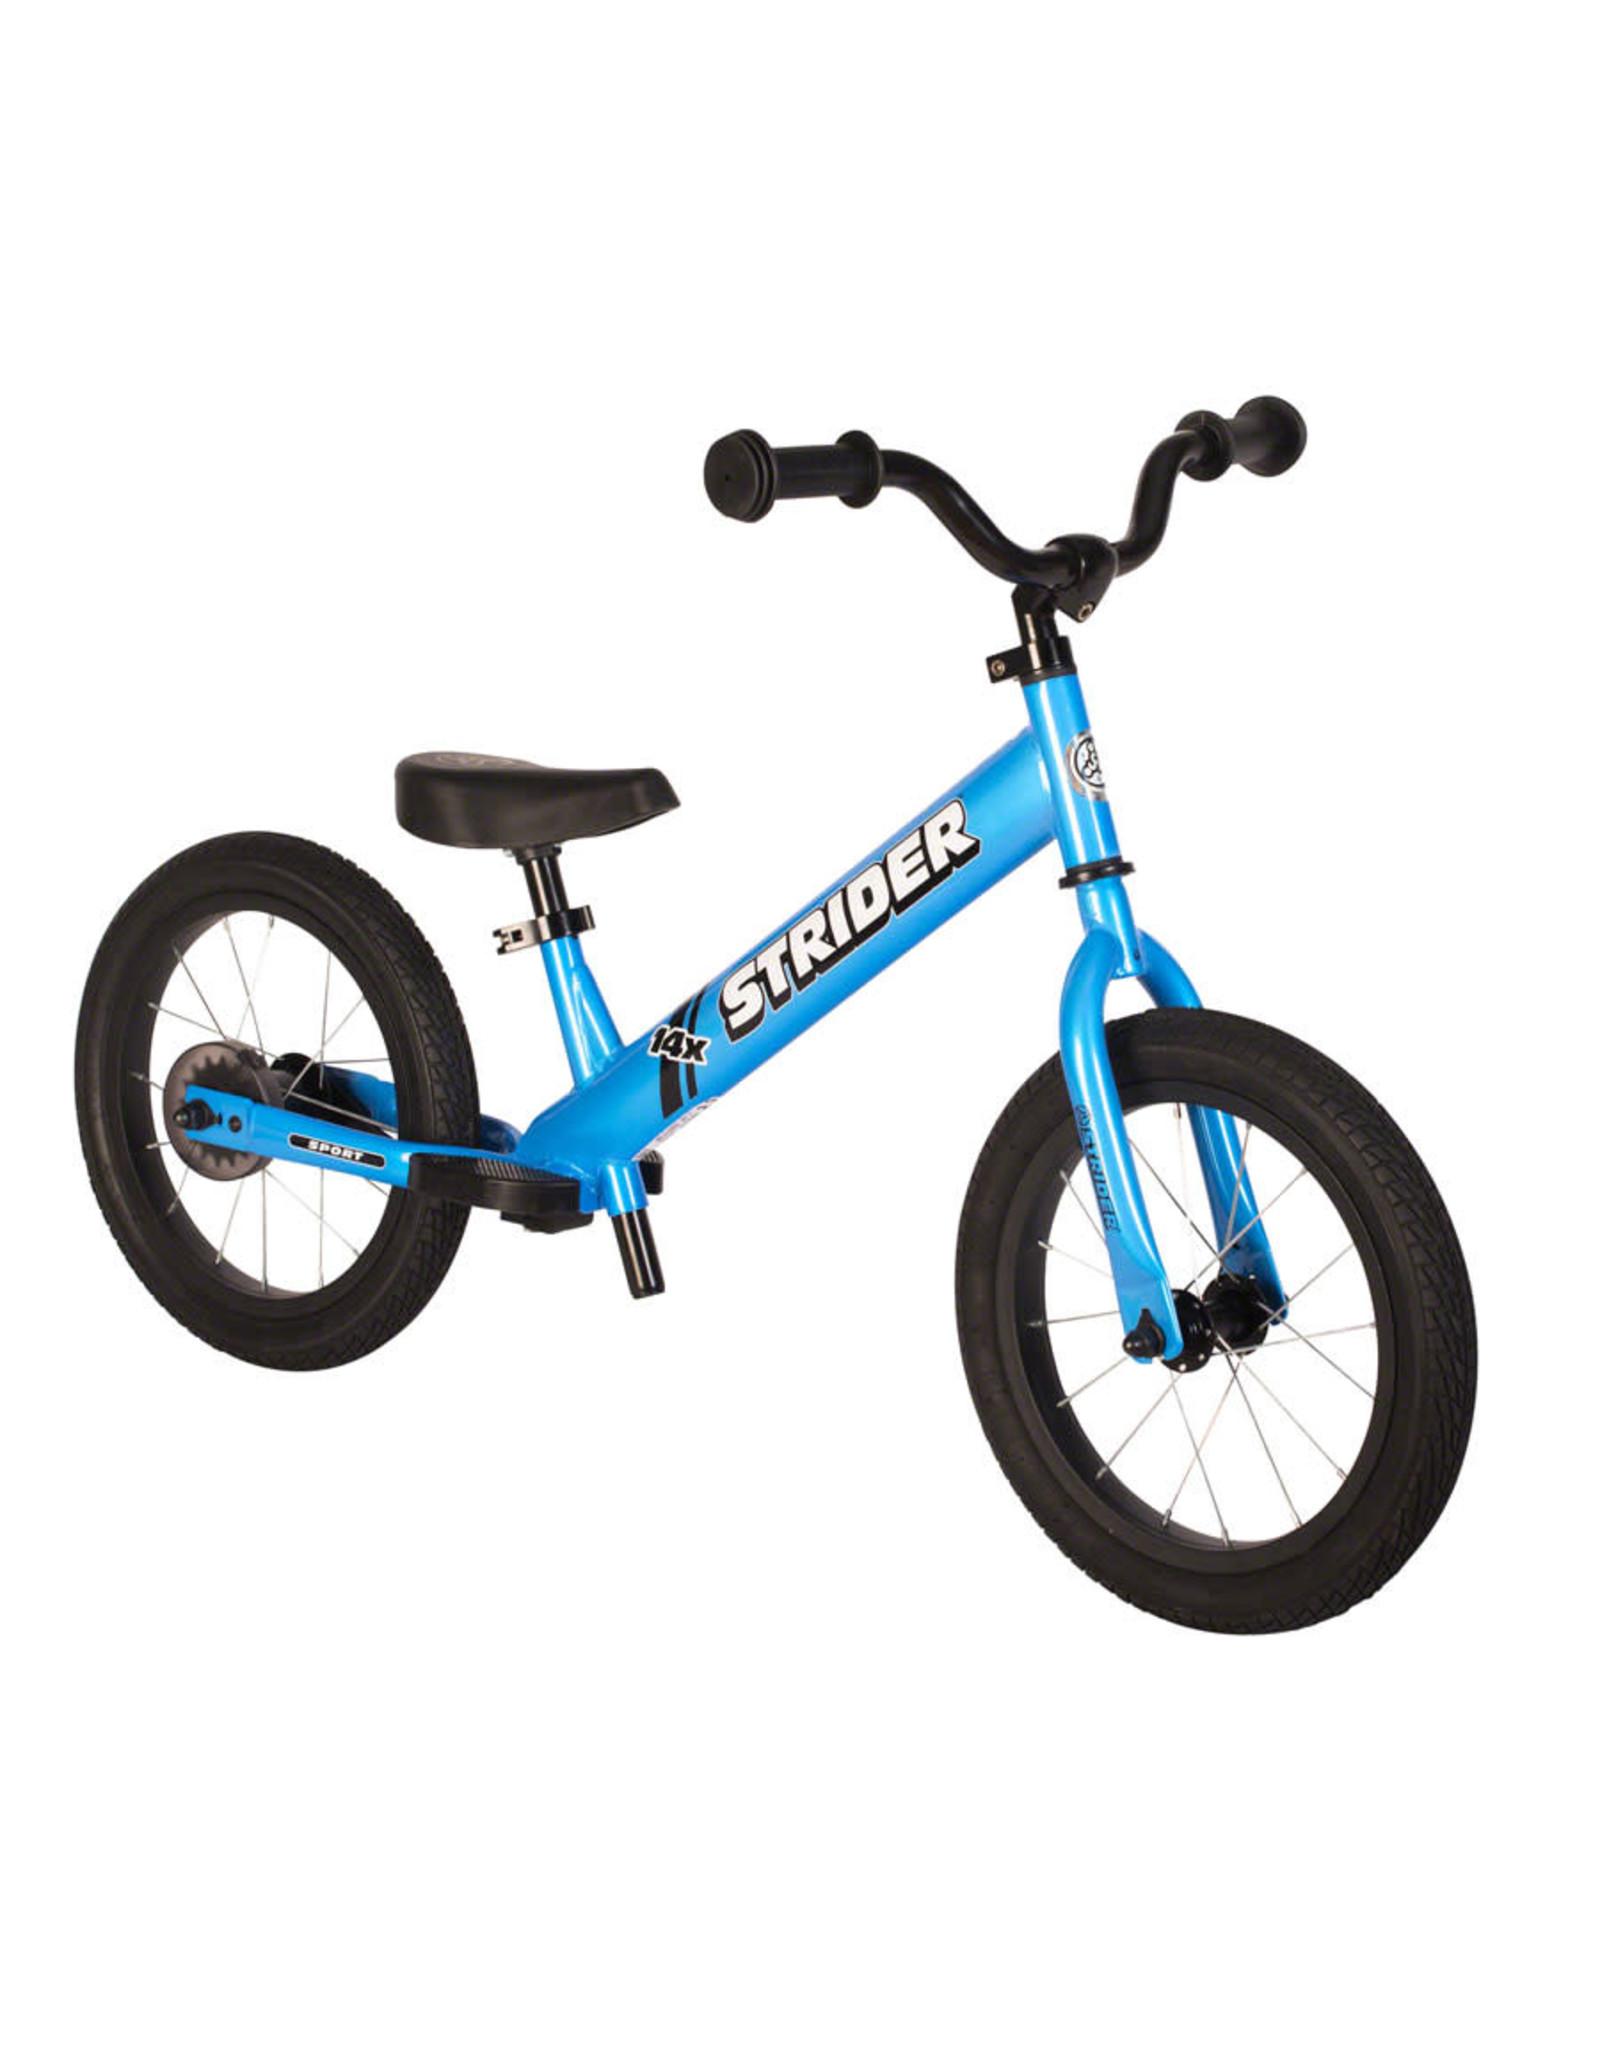 Strider Sports Strider 14x Sport Balance Bike, Blue